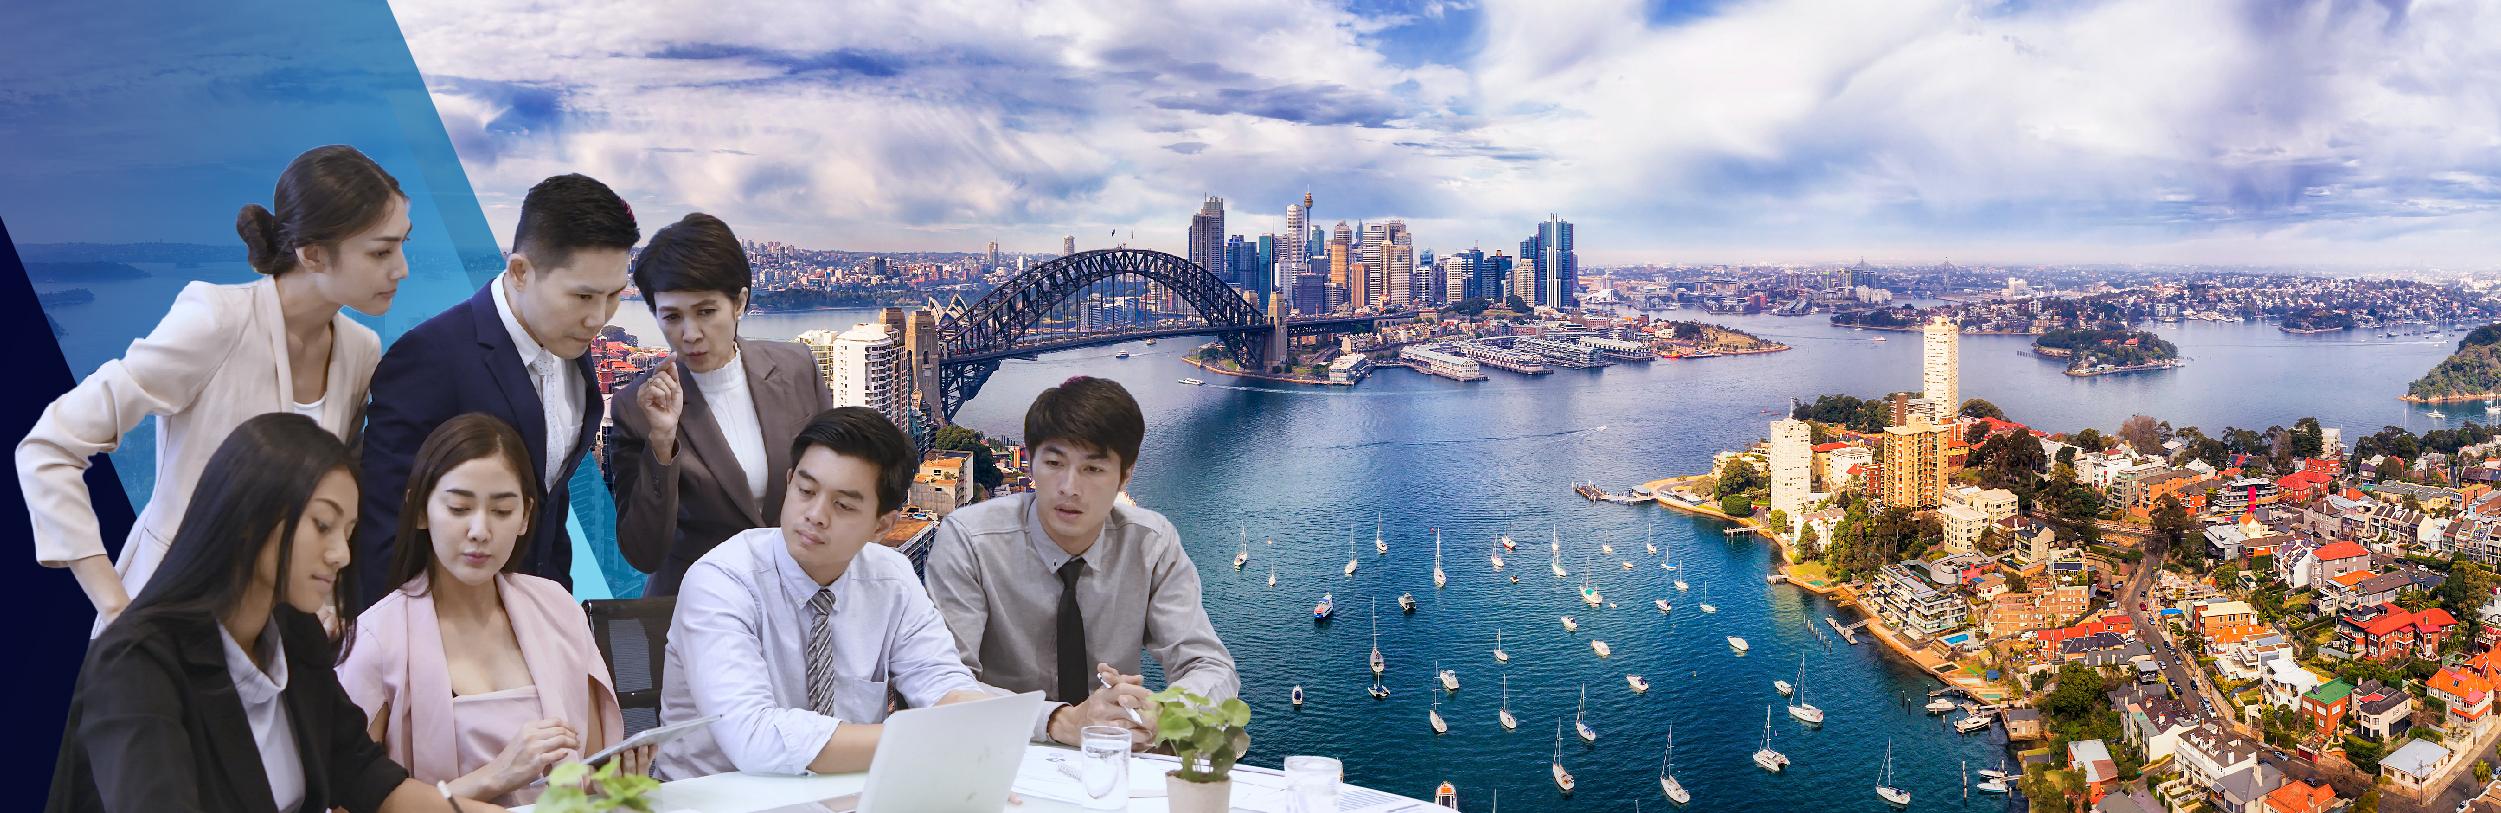 Những thay đổi điều kiện chương trình định cư Úc diện doanh nhân sau 01/07/2021